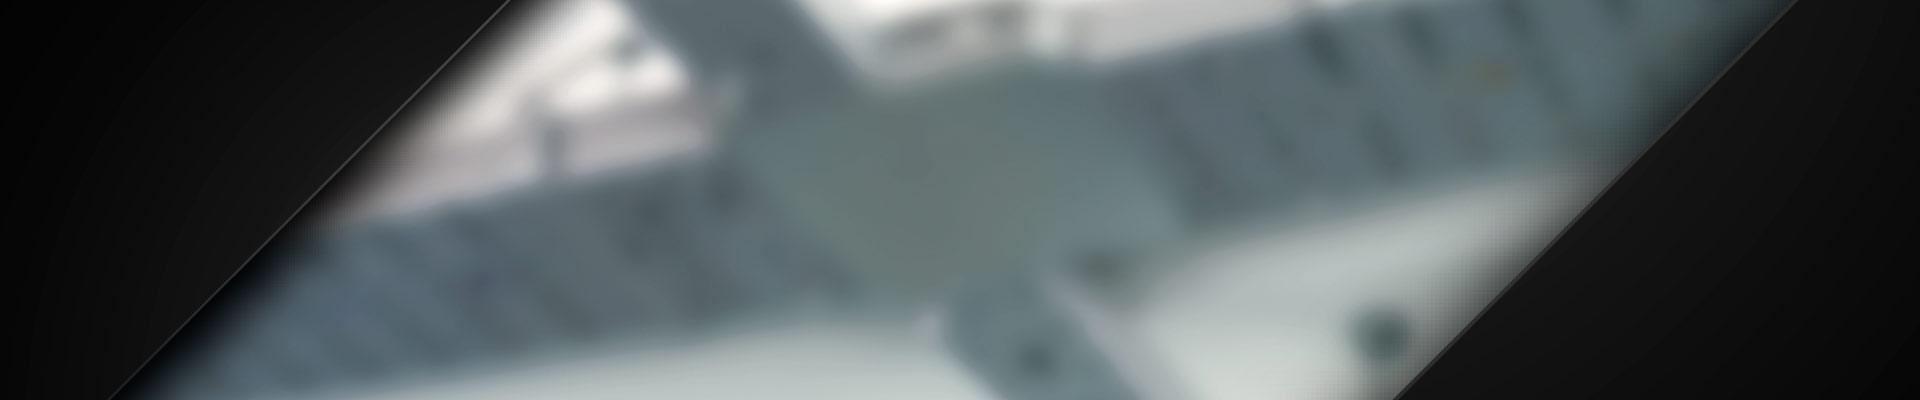 fondo-slider-nuevos-productos-nuban